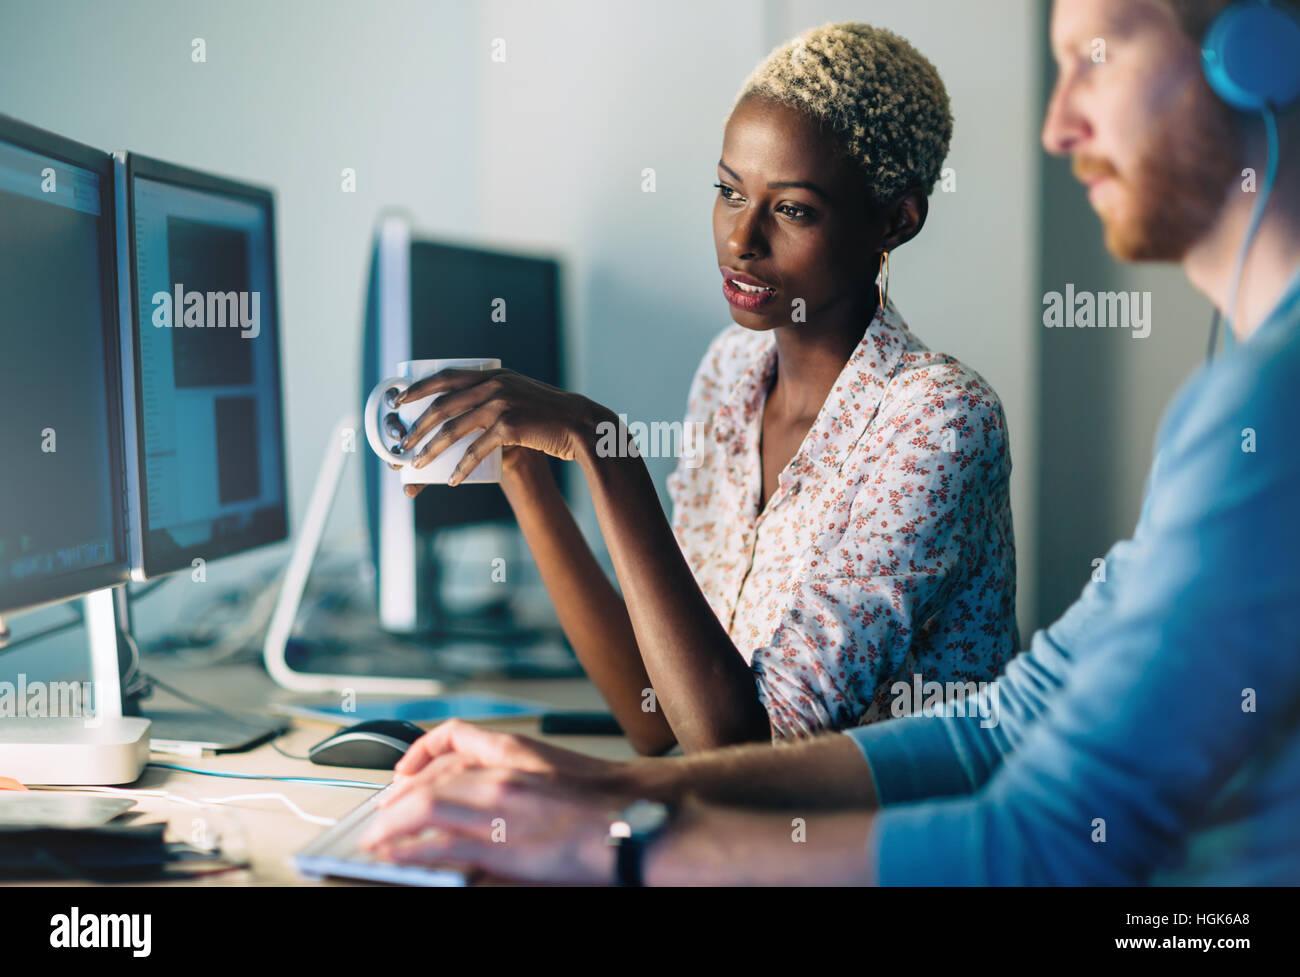 Los programadores que coopera en el desarrollo de aplicaciones de la empresa Imagen De Stock